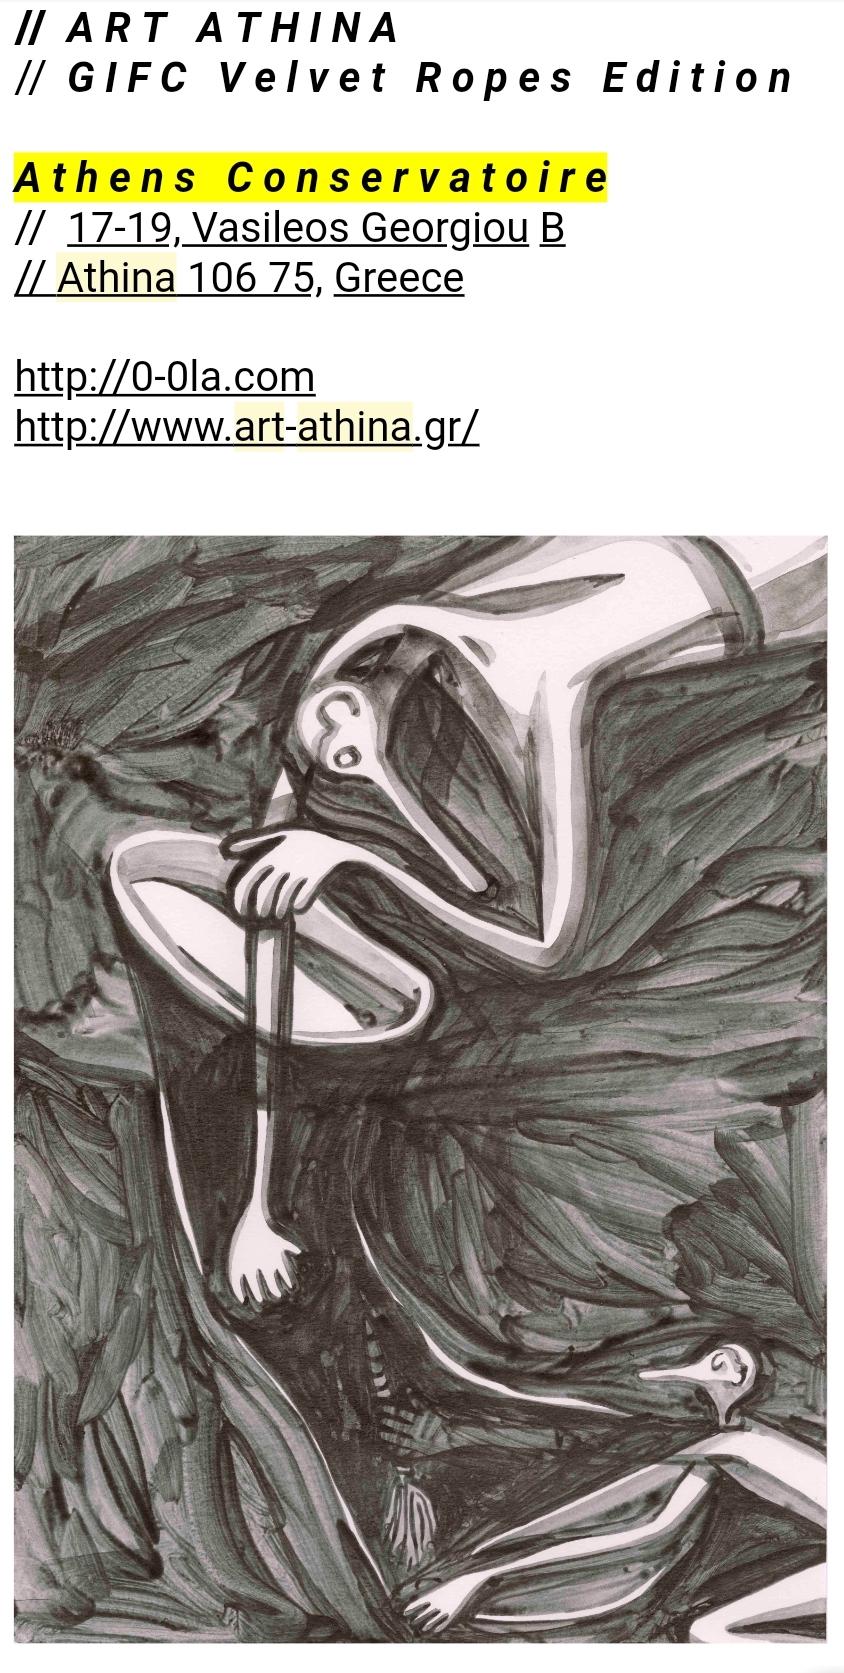 VELVET ROPES    ART ATHINA    JUNE 20-24  Athens, Greece   http://www.art-athina.gr/